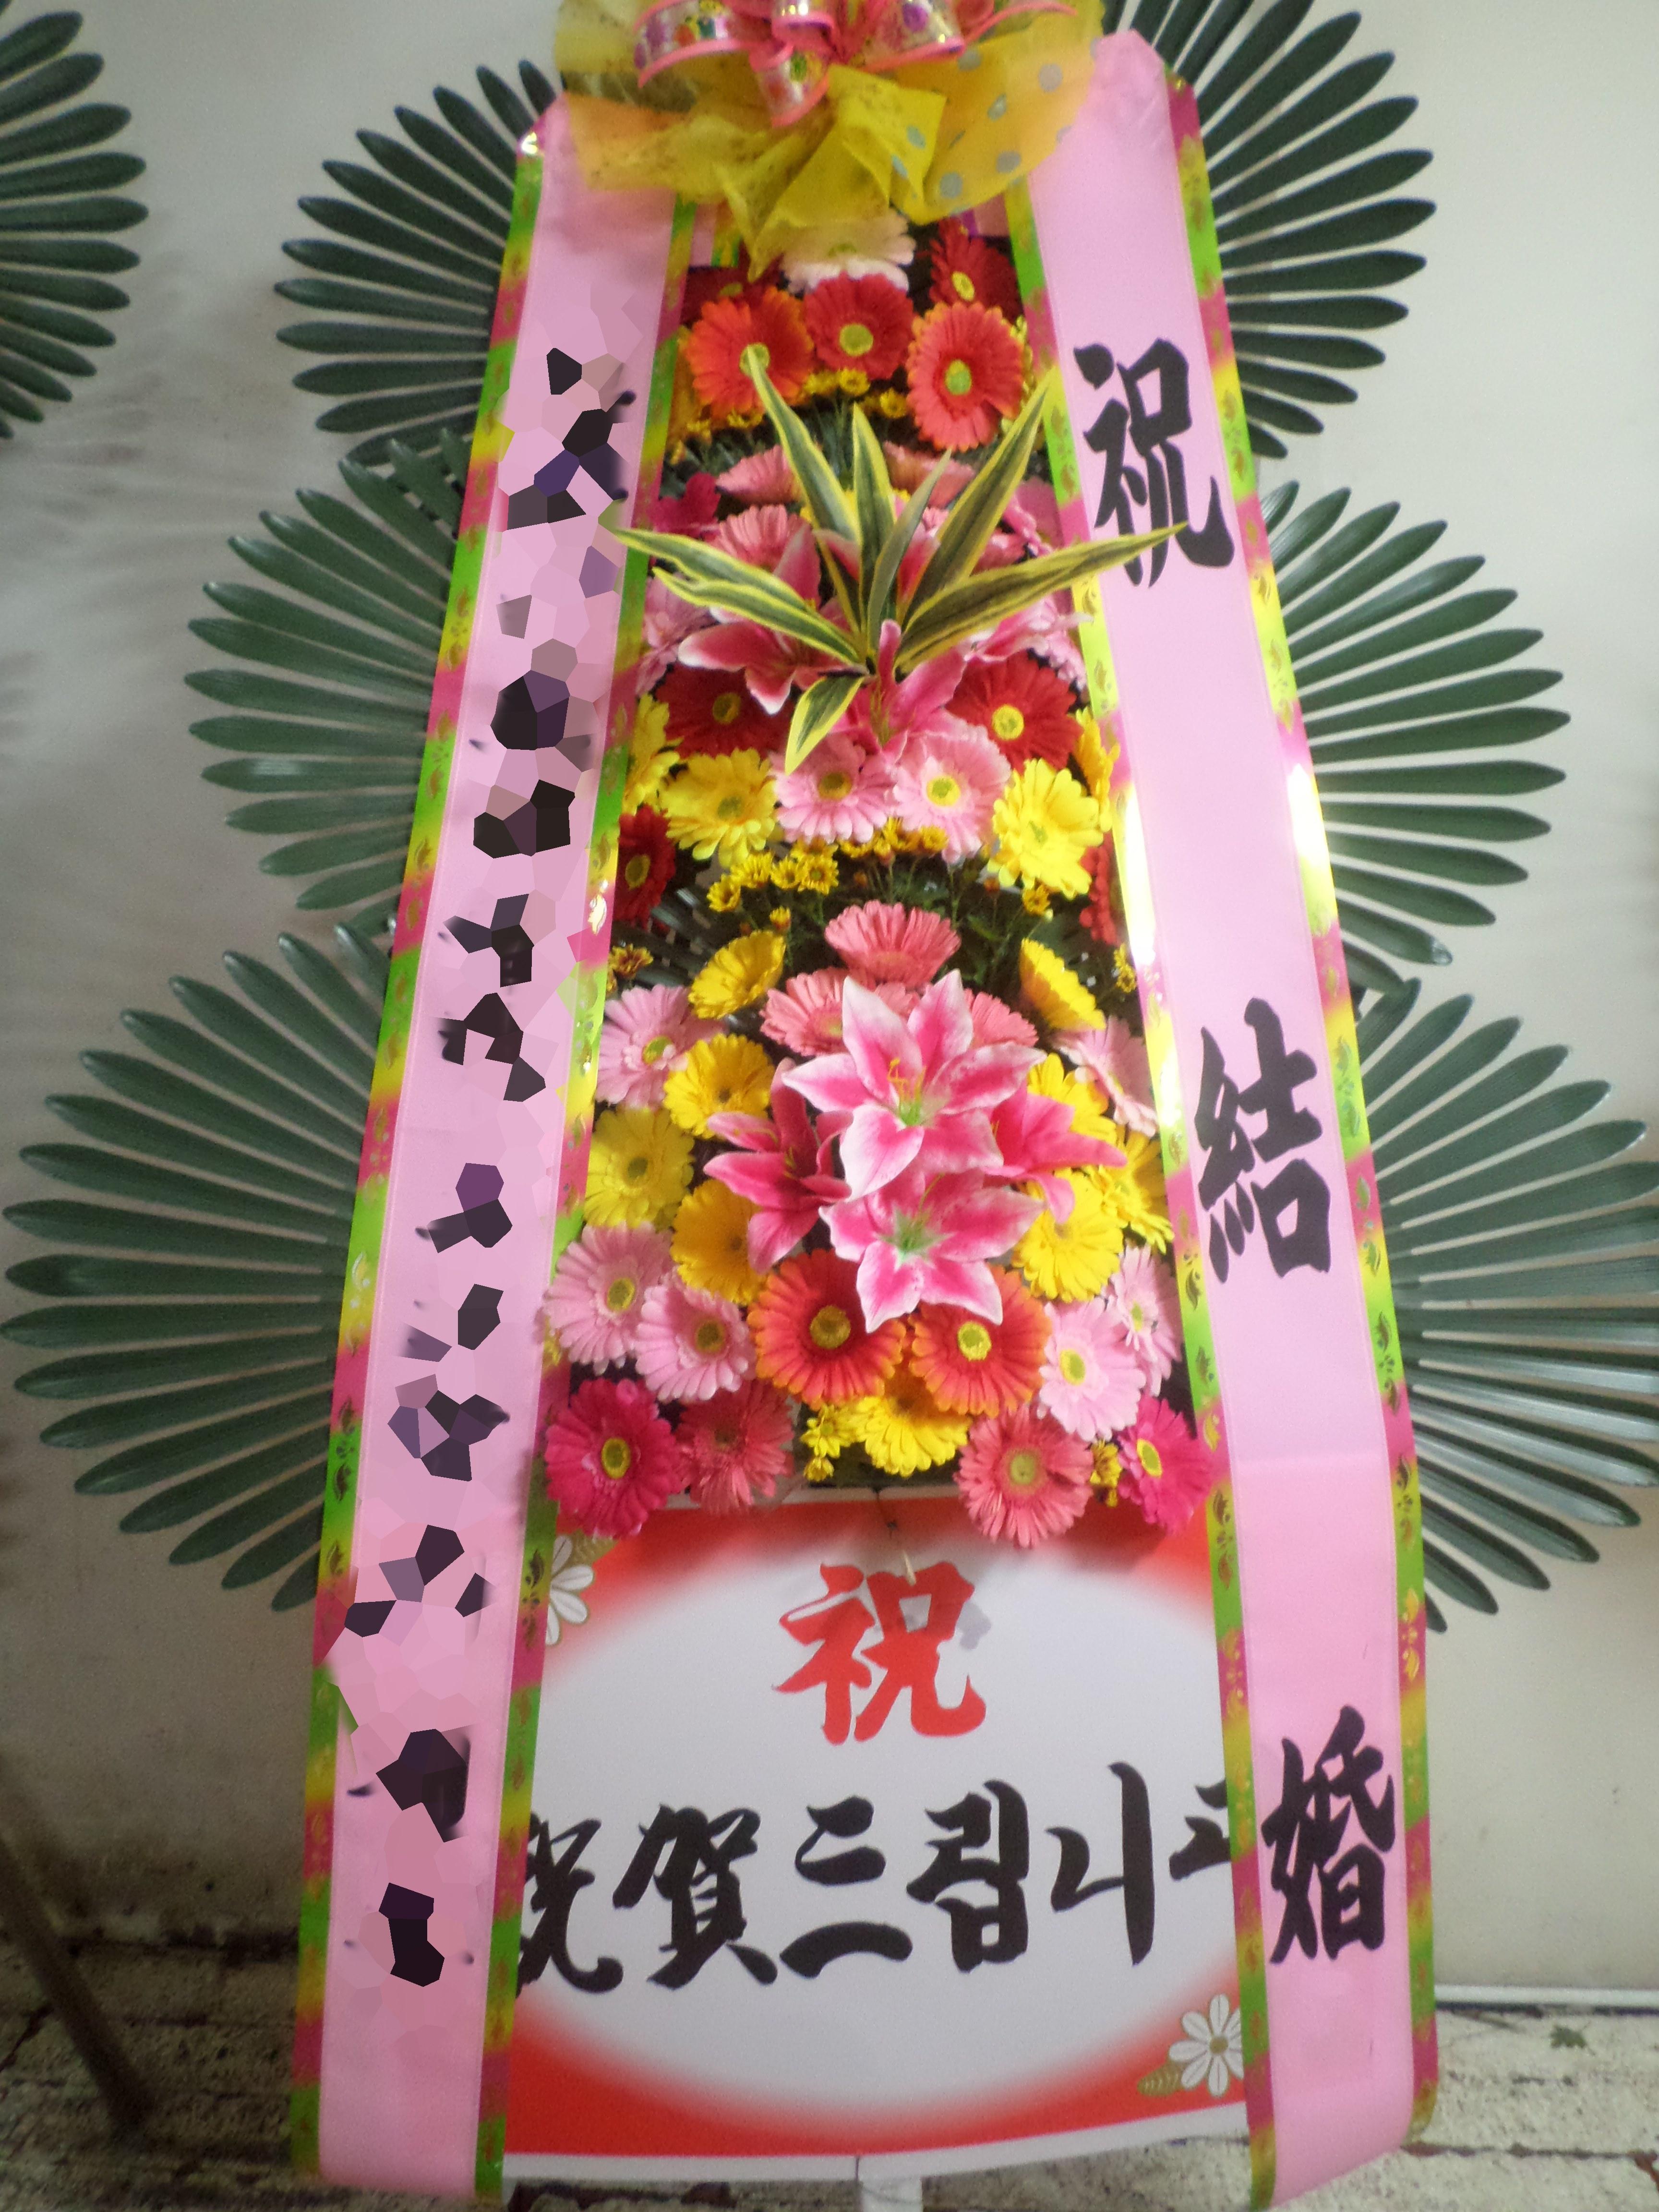 경북포항 남00주문자 로 배송된 상품사진입니다